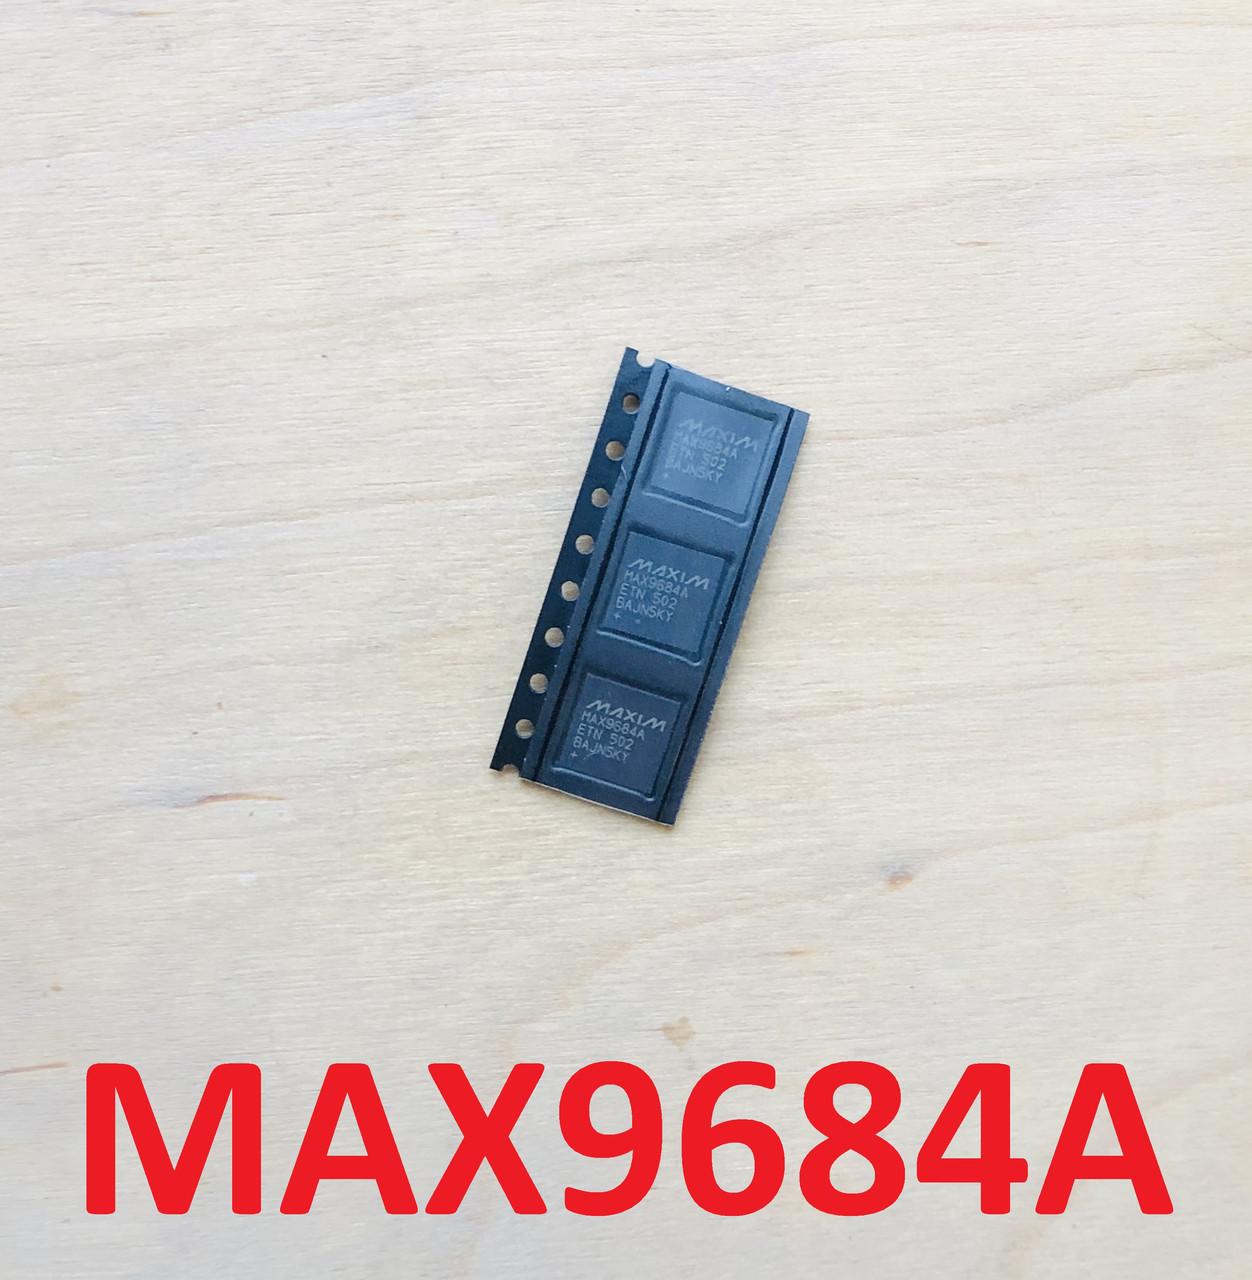 Мікросхема MAX9684A оригінал